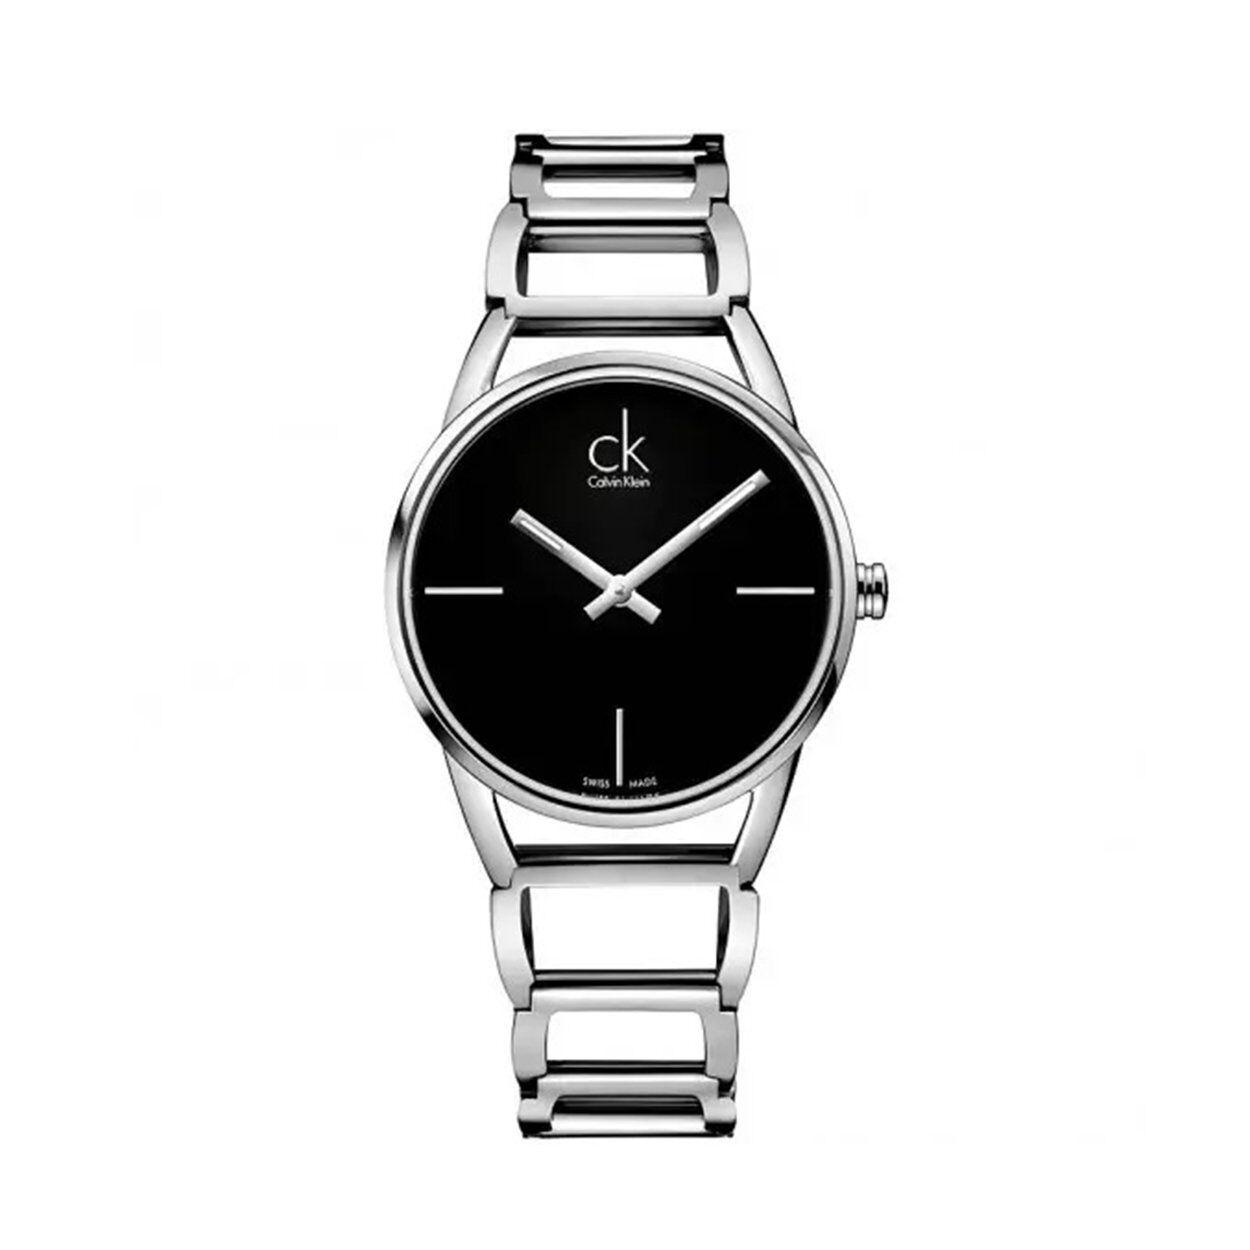 calvin klein orologio da polso donna calvin klein con cinturino in acciaio con quadrante nero